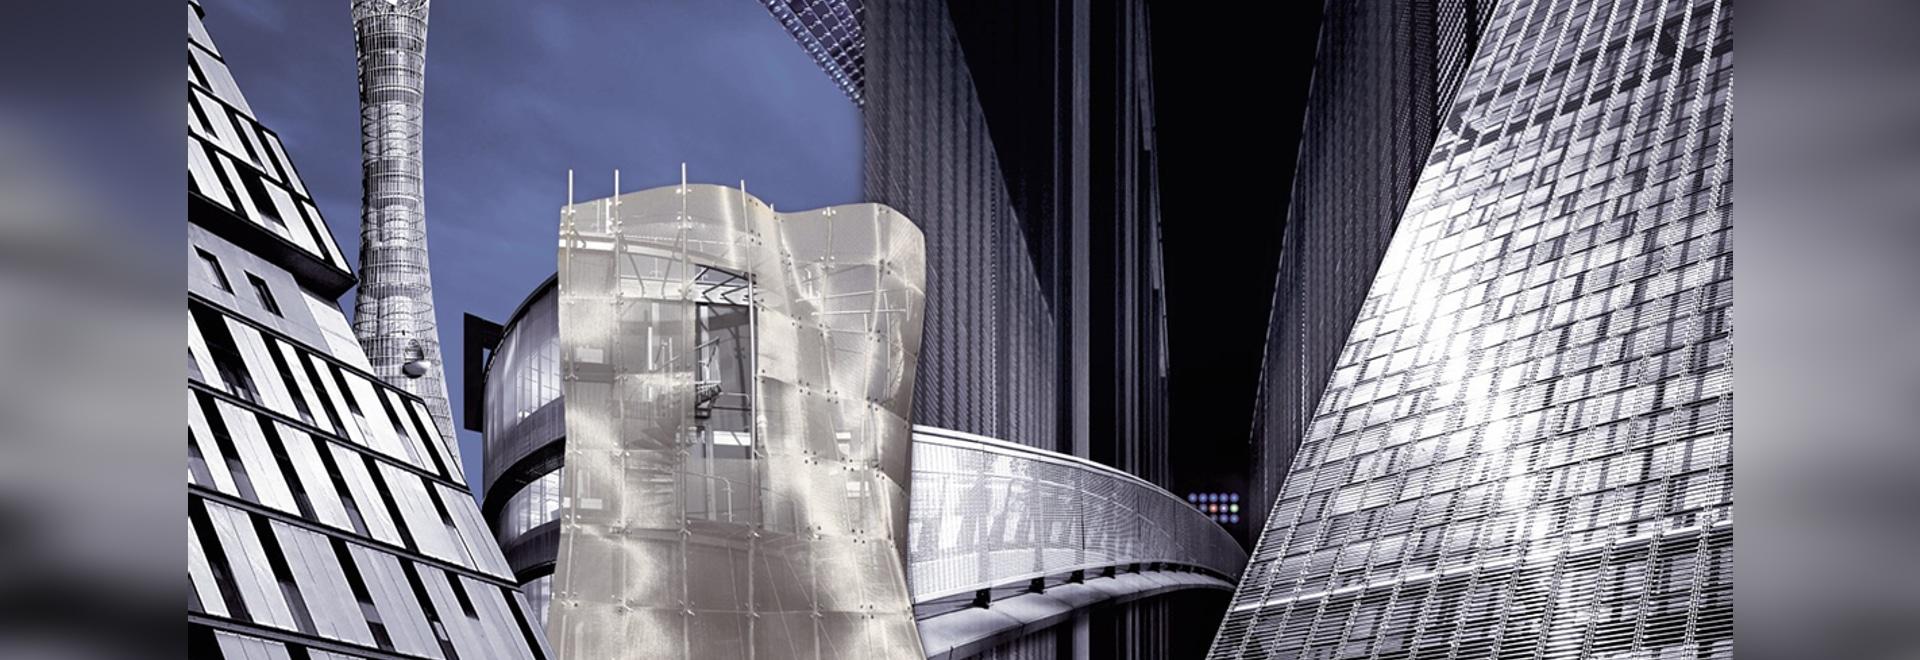 HAVER Architekturgewebe